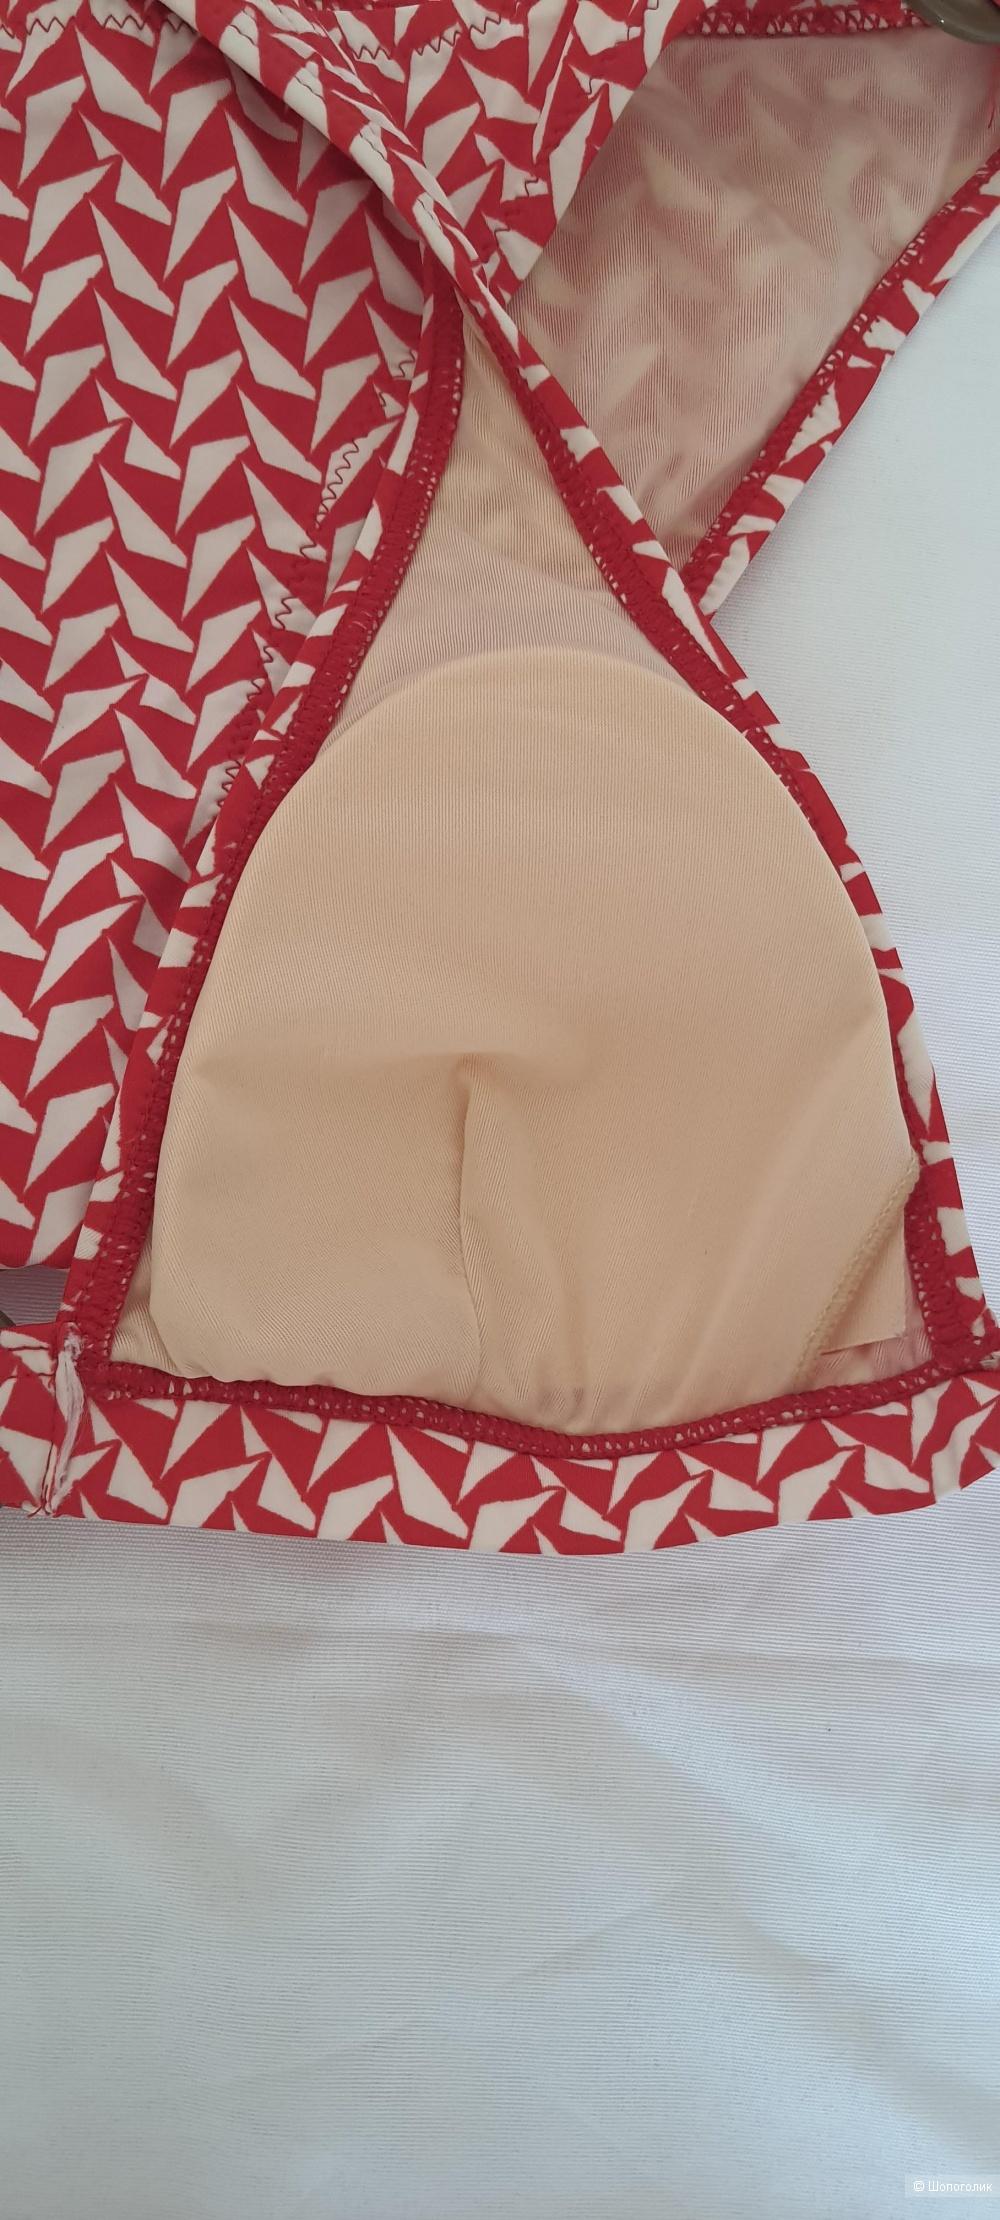 Купальник Beach panties S